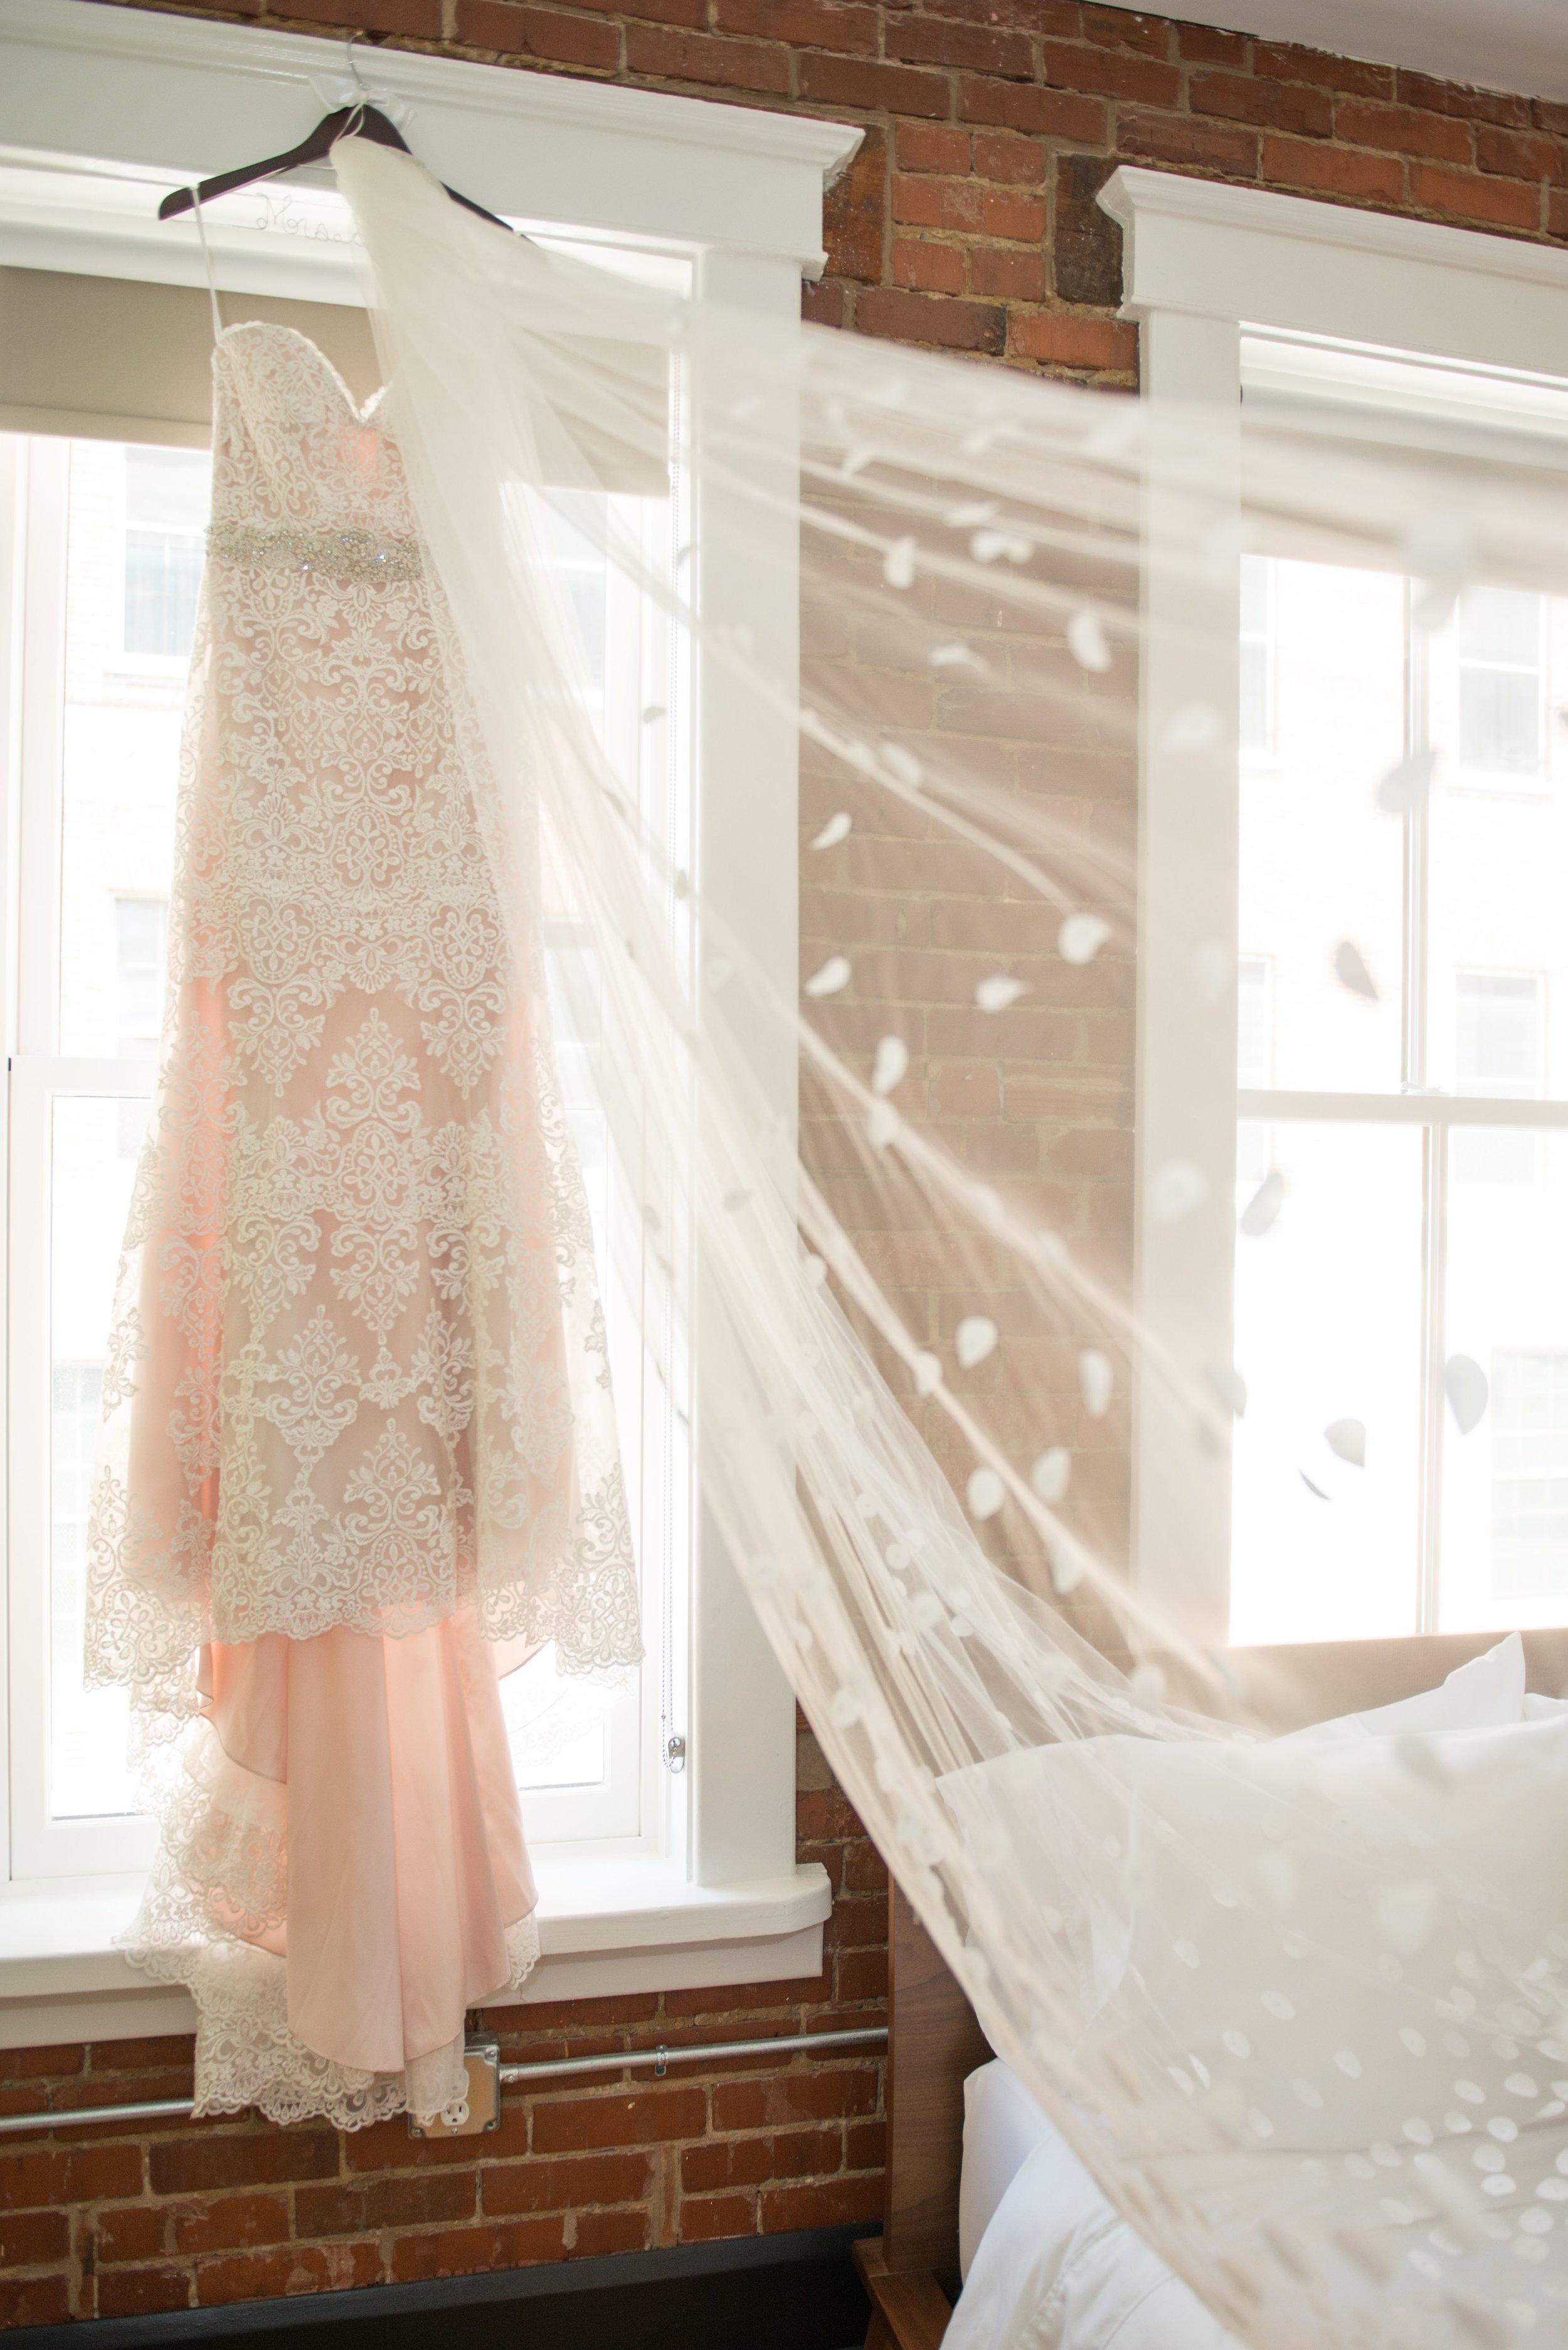 00001_Stover-WeddingSp-10.jpg